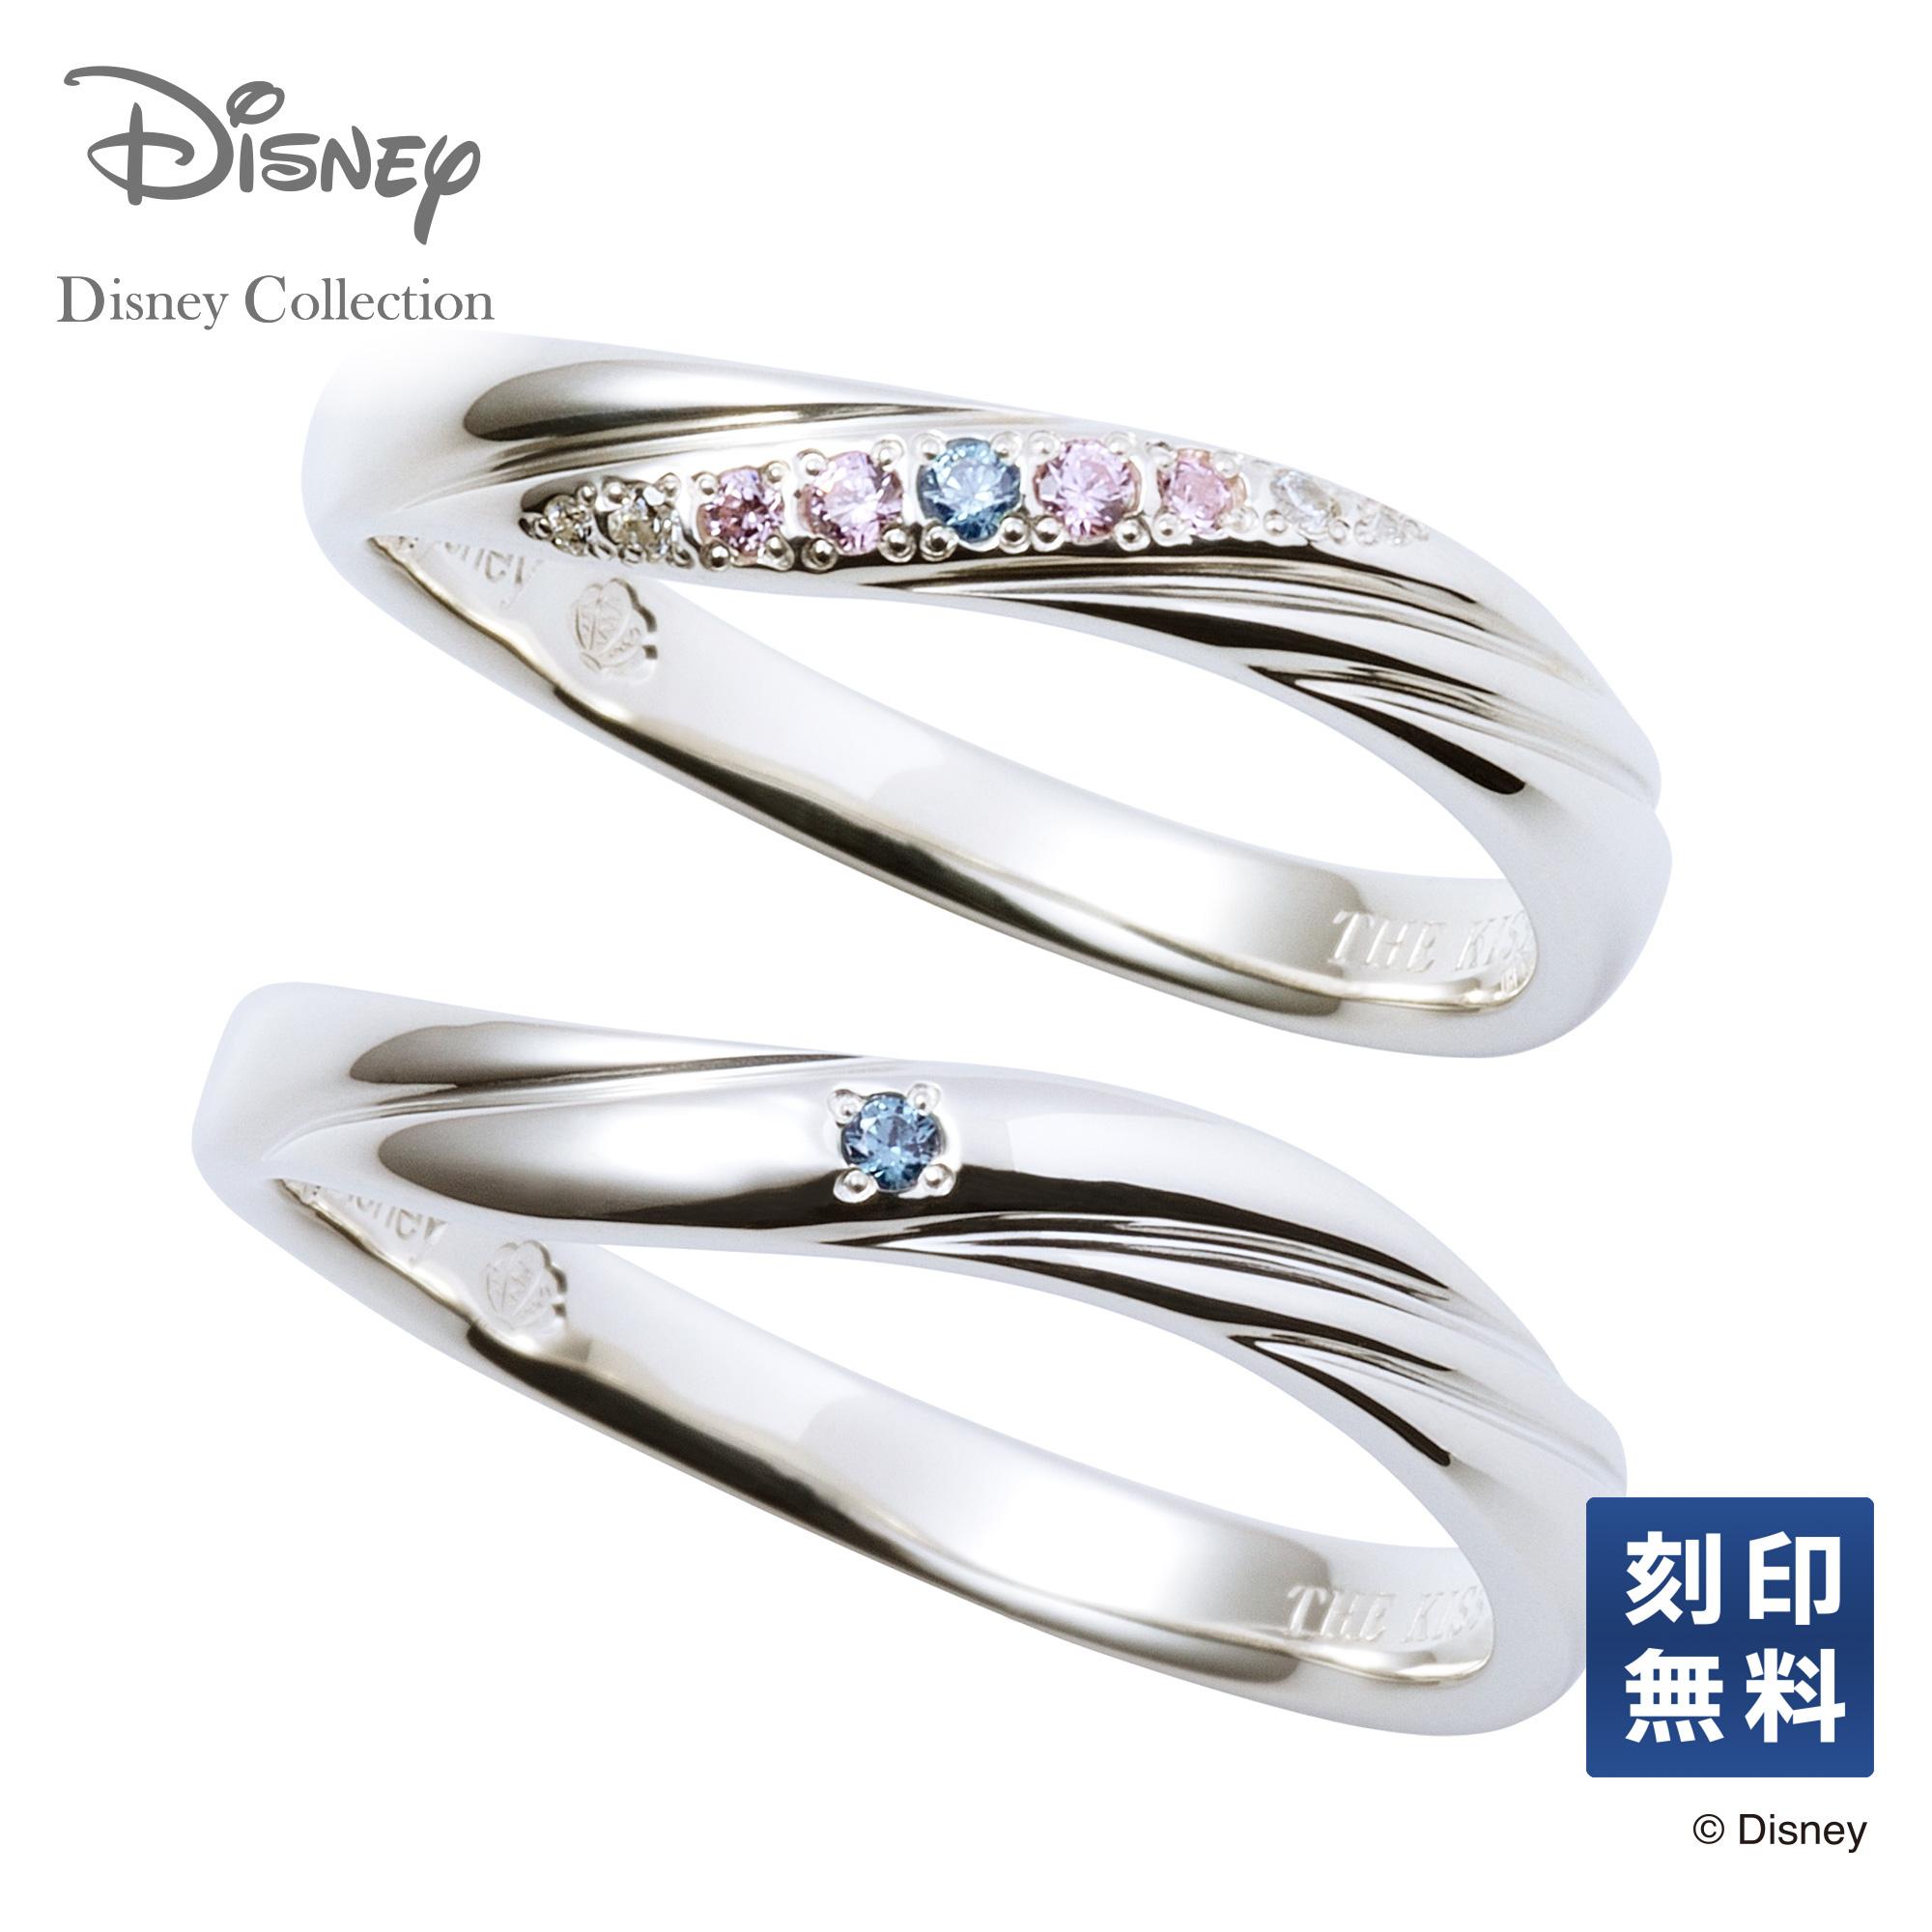 【送料無料】【あす楽対応】【ディズニーコレクション】 ディズニーペアリング ディズニープリンセス アリエル THE KISS ペアリング シルバー リング・指輪 DI-SR2404CB-2405CB セット シンプル ザキス